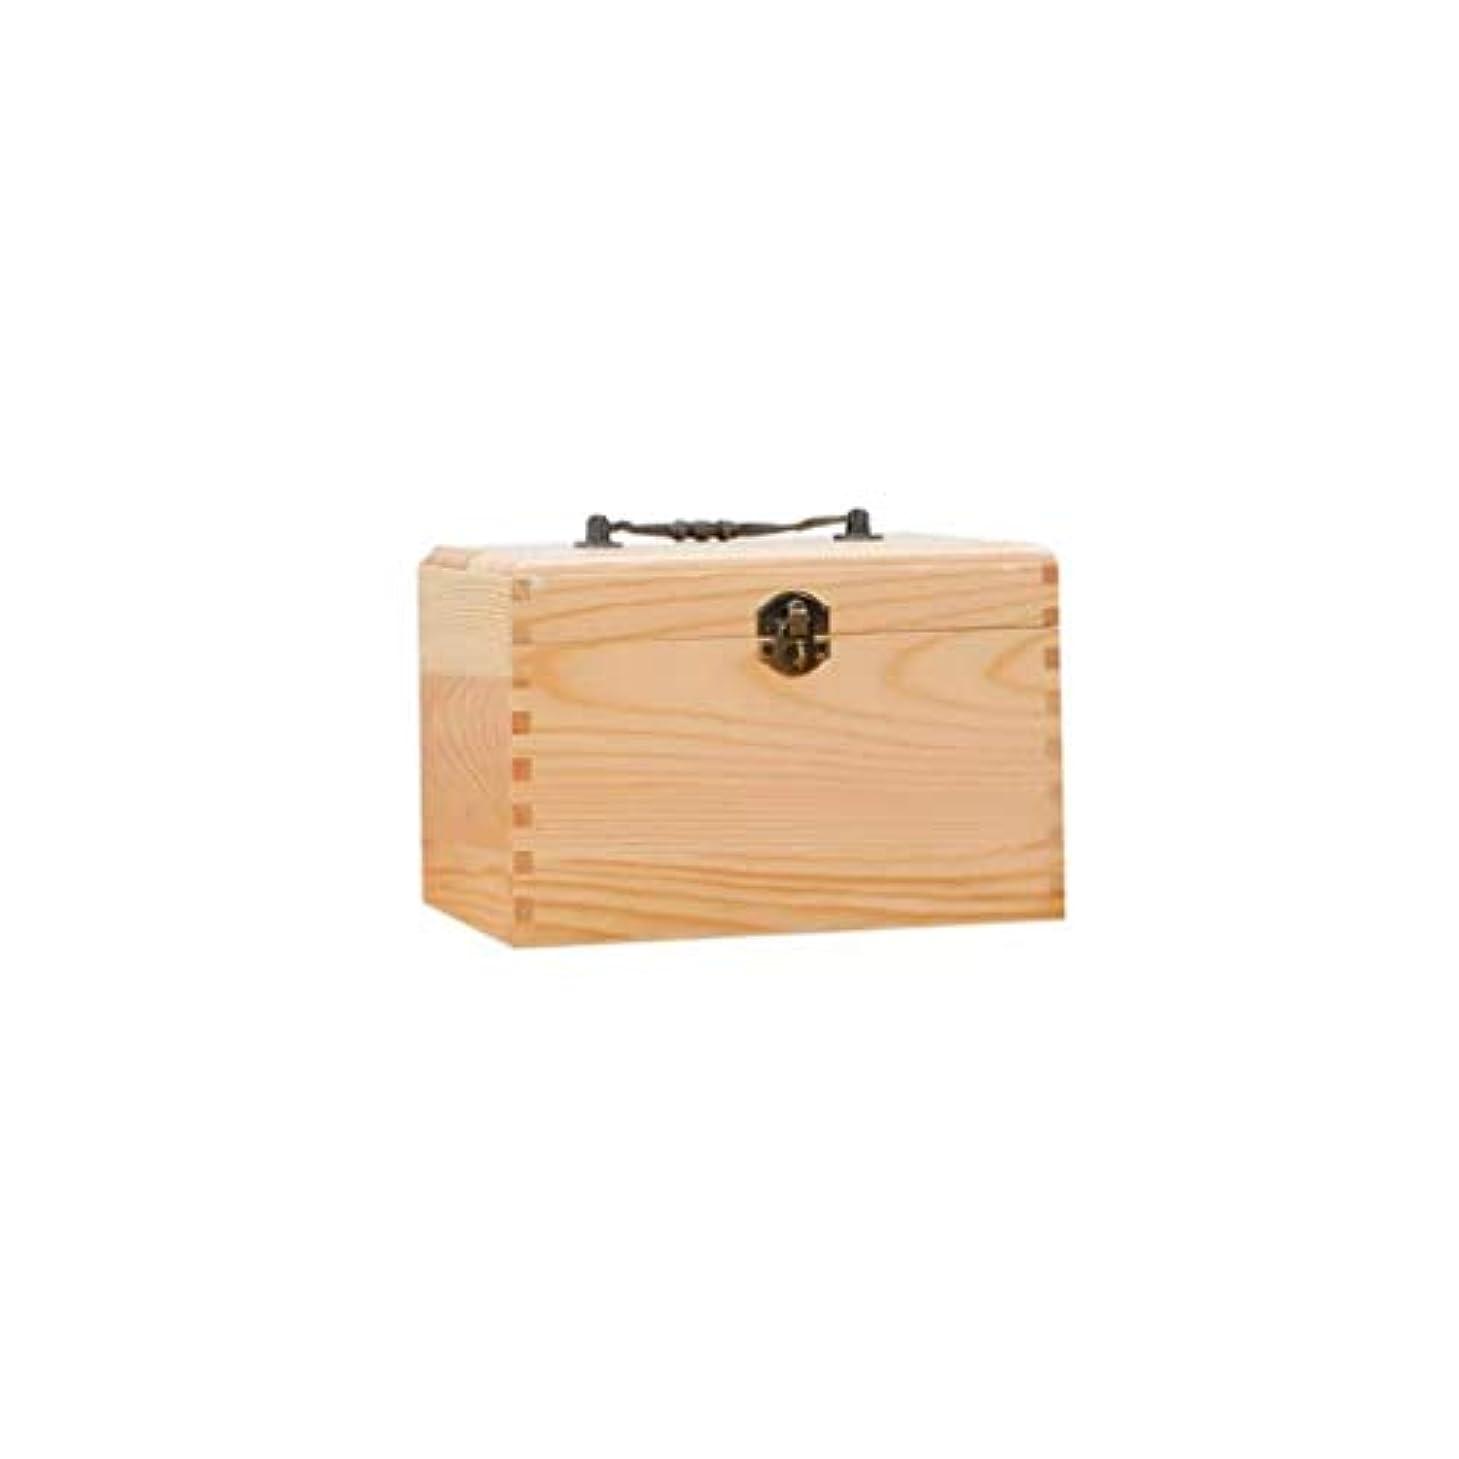 最初は膨らませる残酷純木薬箱ポータブル救急箱家庭用薬収納ボックス化粧品ケース21×14×14cm AMINIY